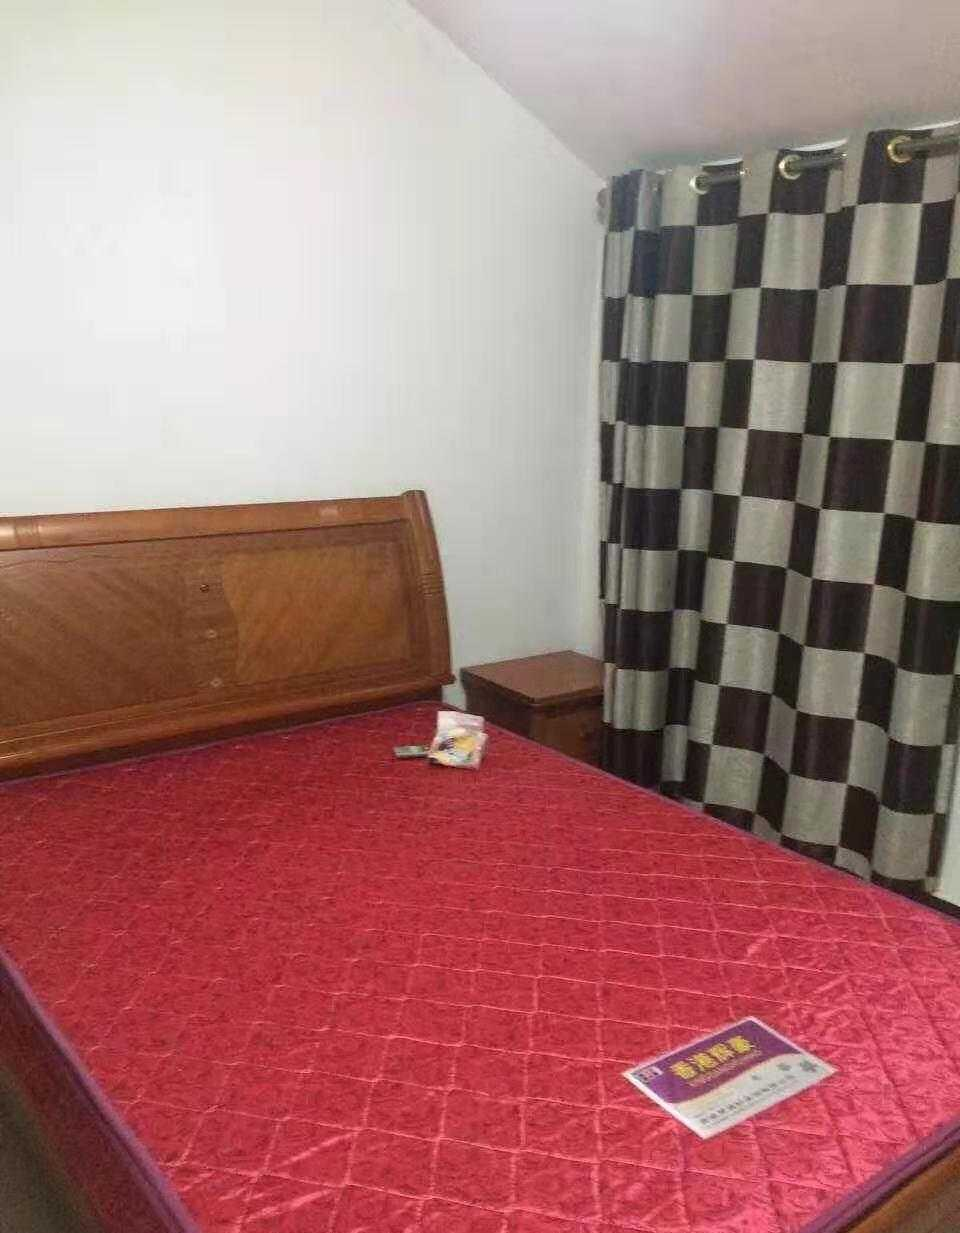 07102下元塘北富民街边5楼有阁楼,二室一厅套房,精装修,大衣柜,两房间同样装修和设施,65平方 付三押一,1100元的实拍照片